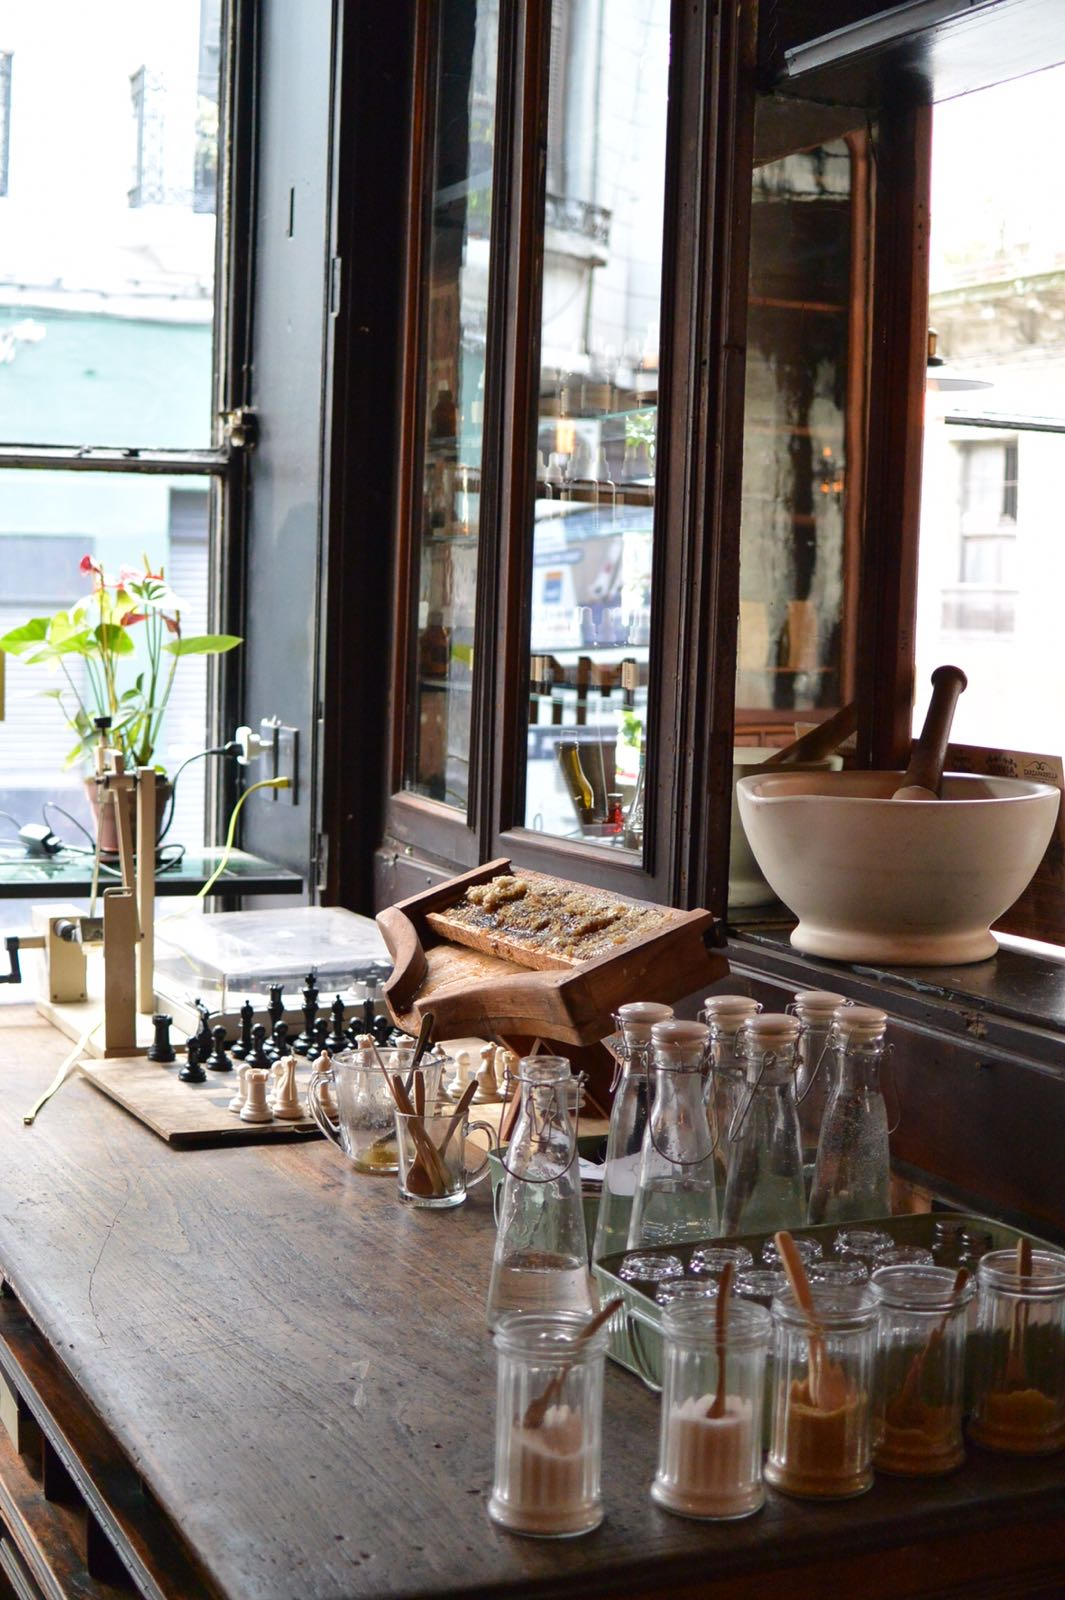 Melhores cafes em Montevidéu